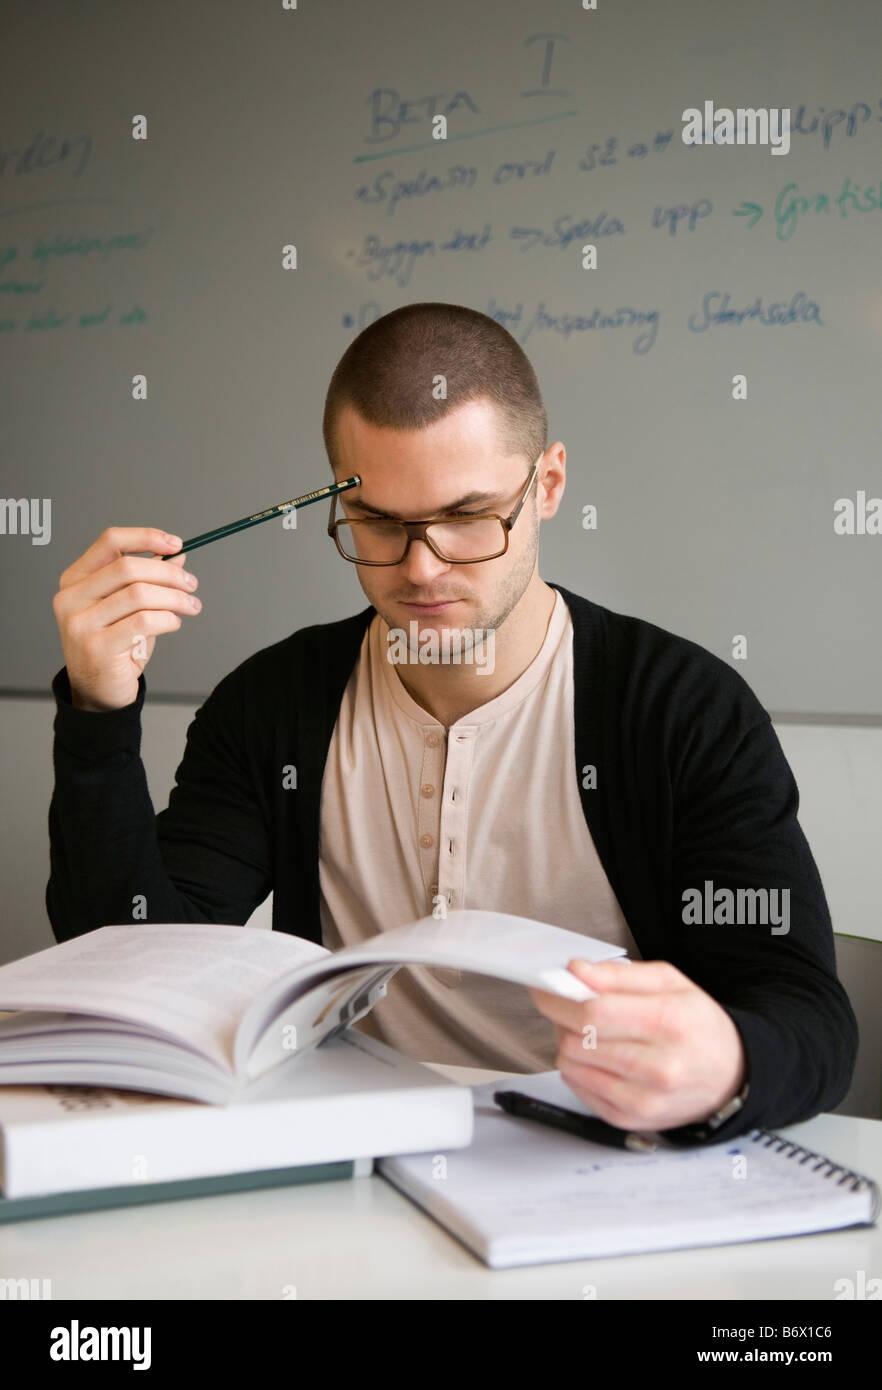 Mann auf sein Studium konzentriert Stockbild